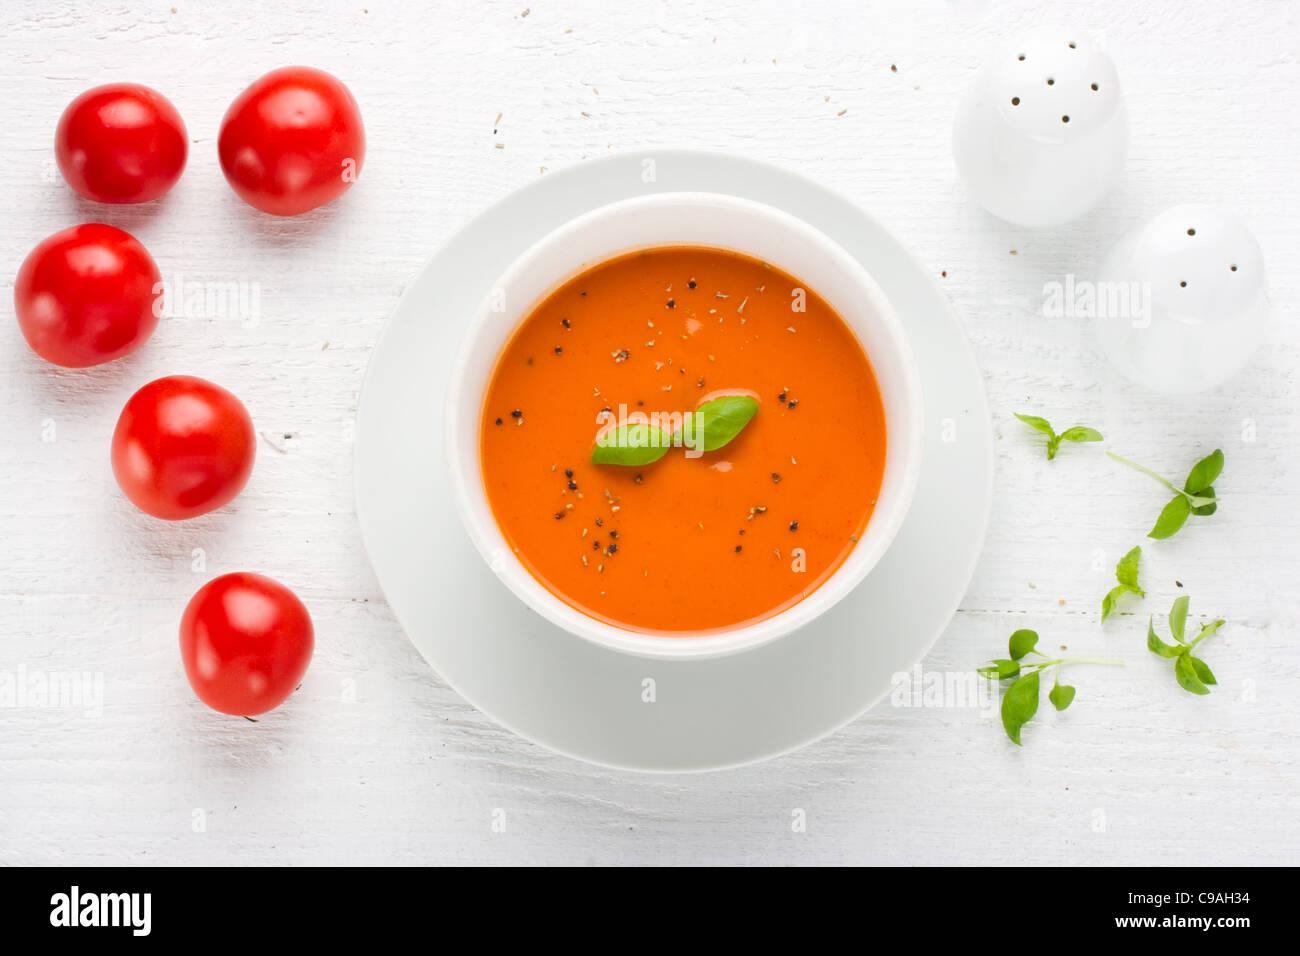 Sopa de tomate en el recipiente blanco rodeado con tomate y albahaca sal Pepper Shaker imagen tomada desde arriba Imagen De Stock